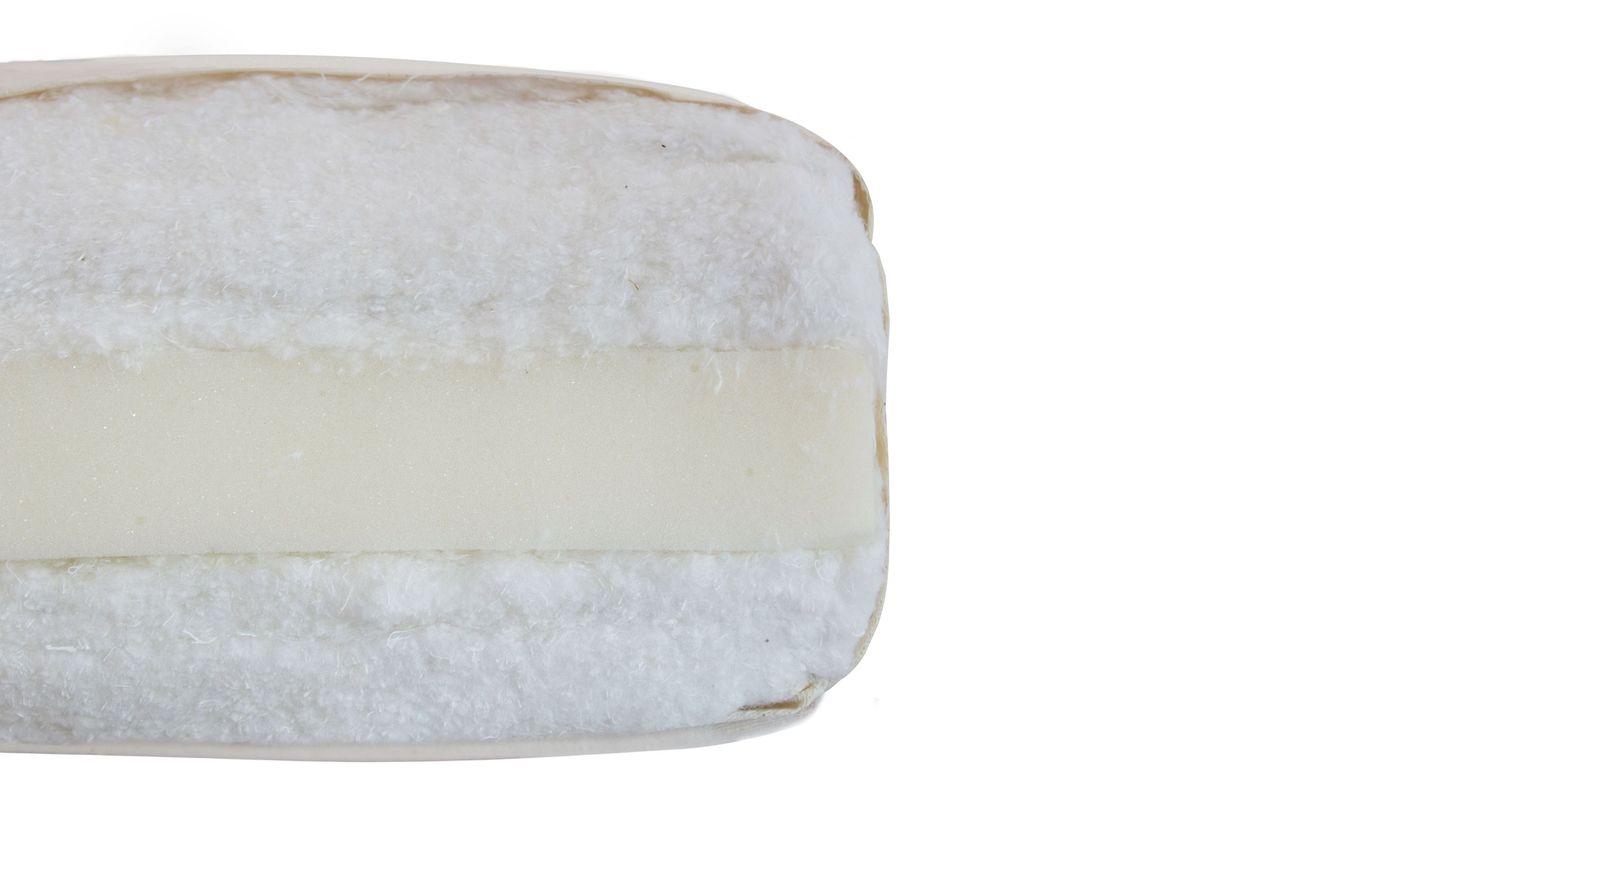 Anpassungsfähiger Matratzenkern für Futonmatratze Komfort